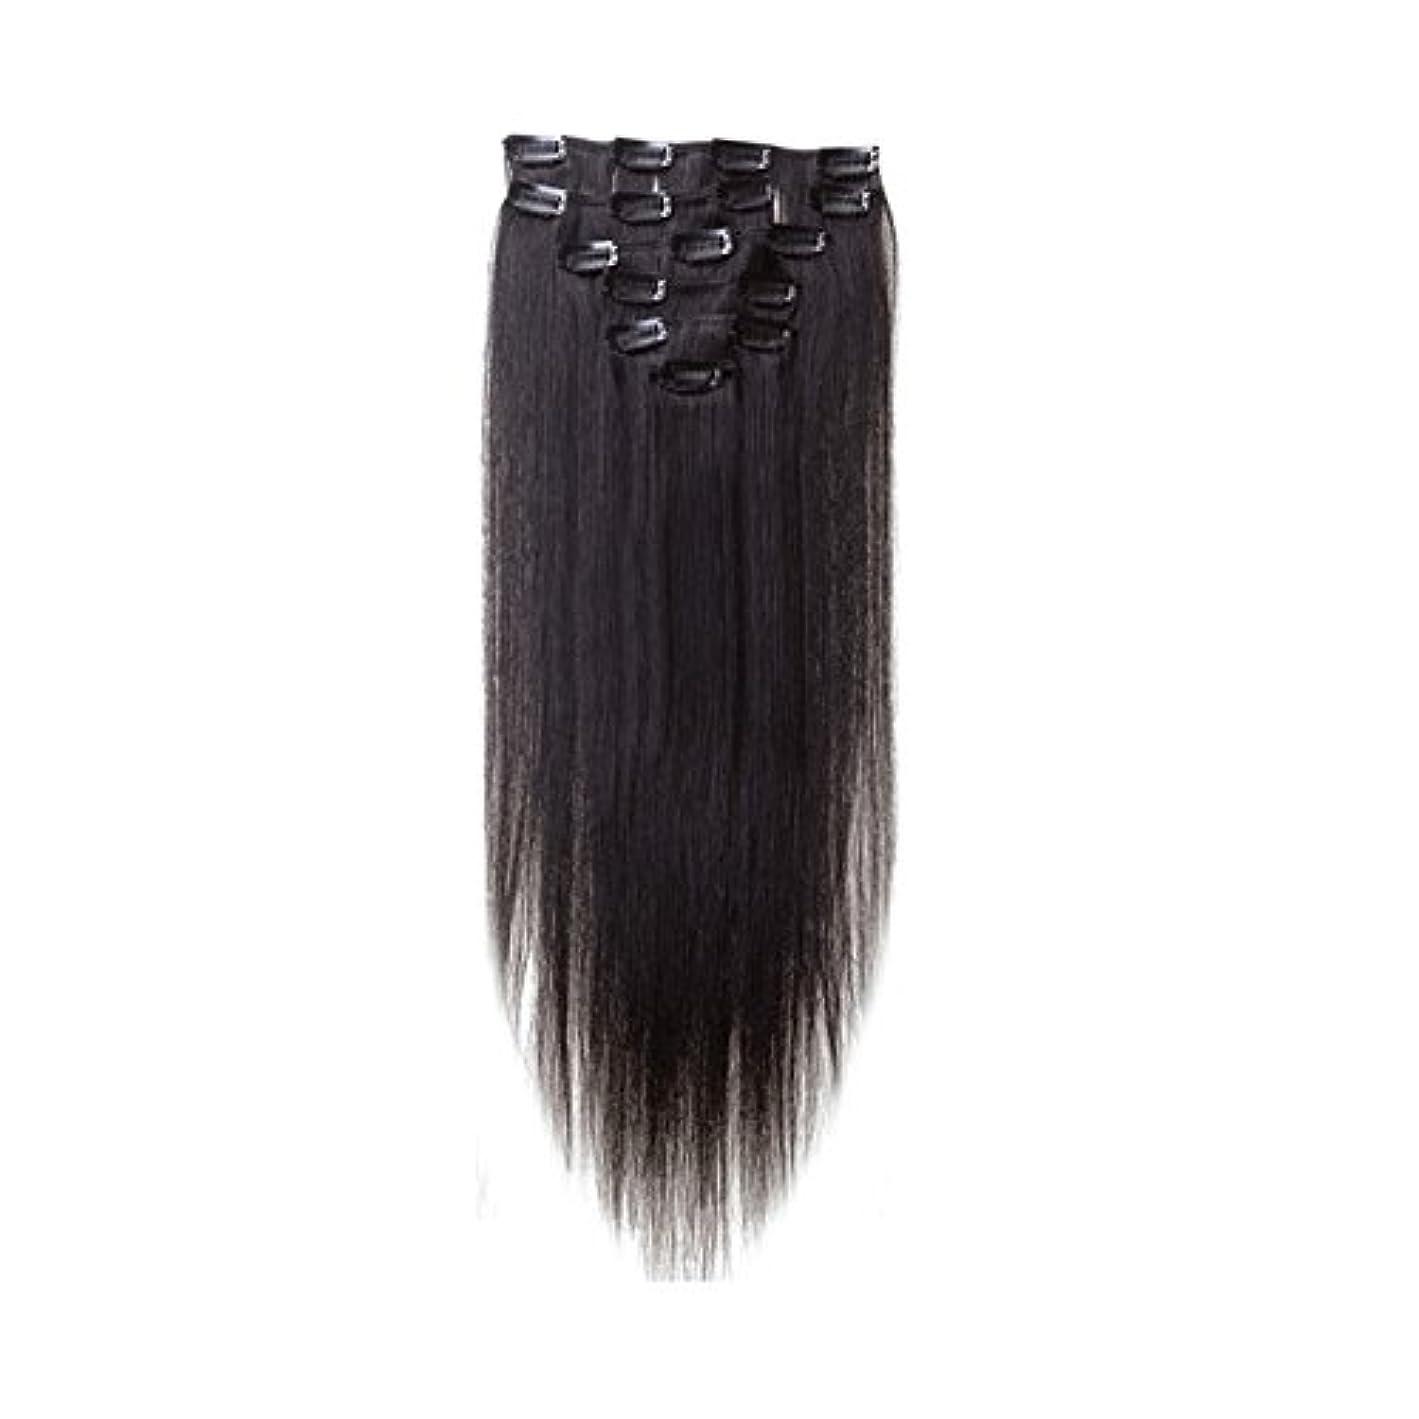 速記うまくやる()ドライヘアエクステンション,SODIAL(R) 女性の人間の髪 クリップインヘアエクステンション 7件 70g 20インチ ナチュラルブラック